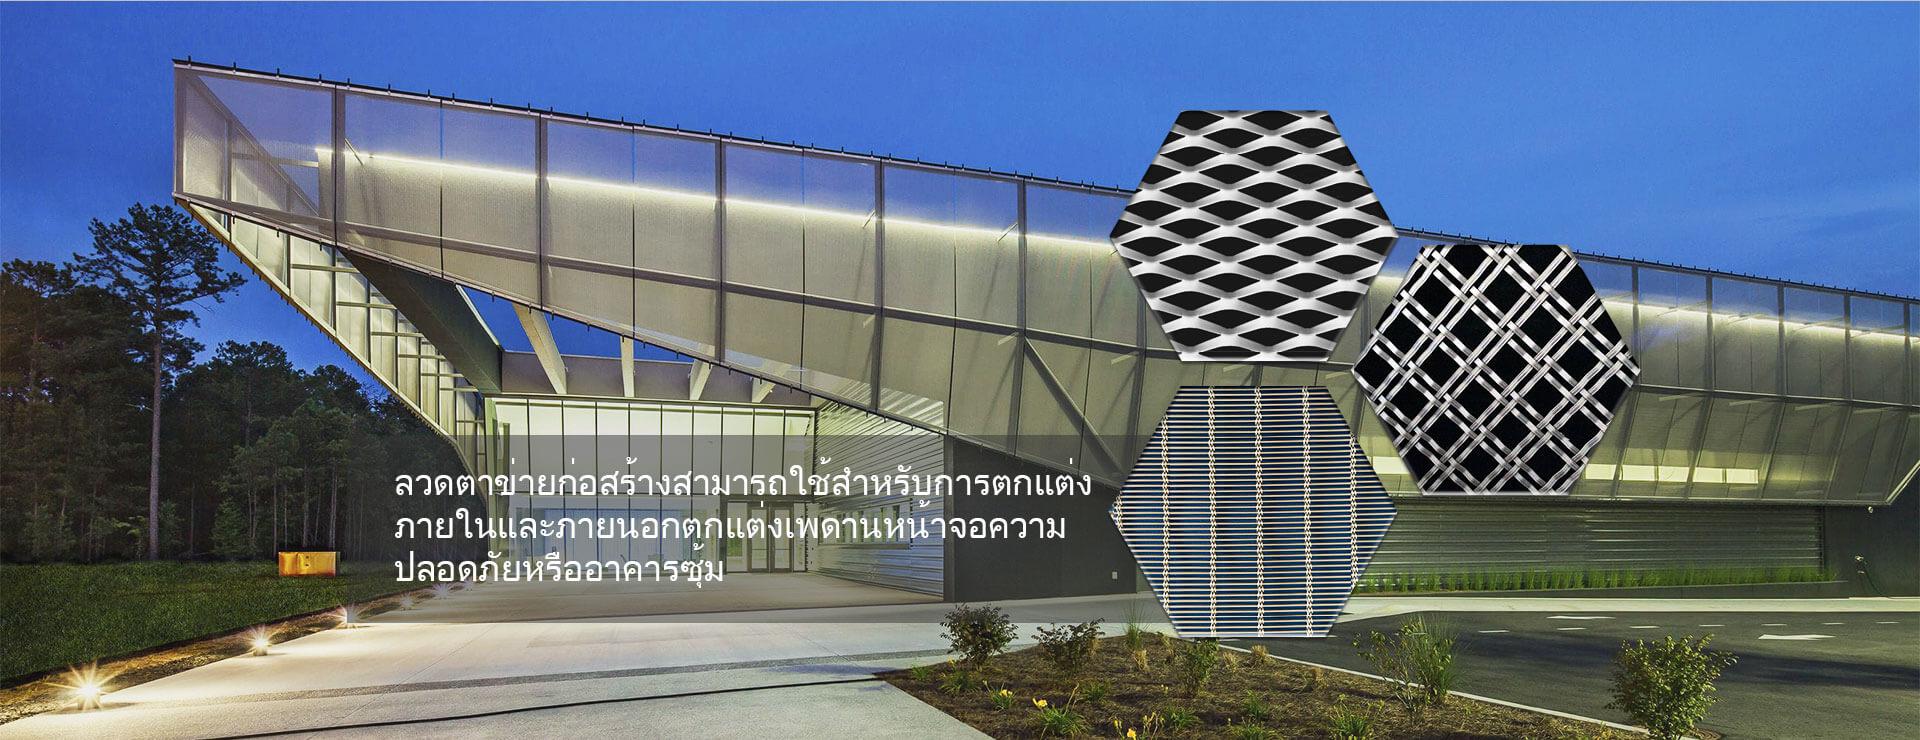 ตาข่ายสถาปัตยกรรม